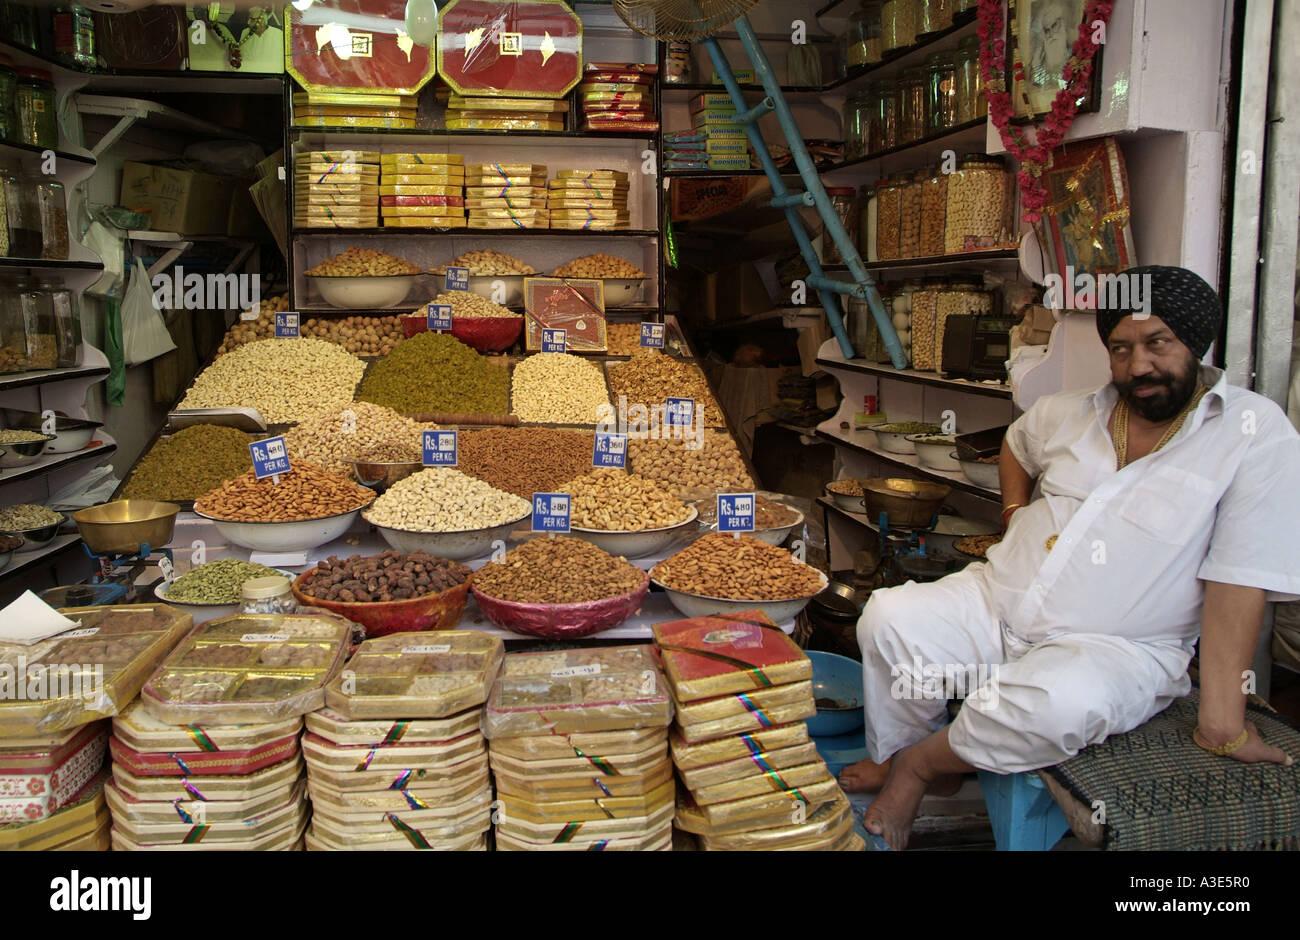 indische gew rze zum verkauf an khari baoli basar in old delhi in indien stockfoto bild. Black Bedroom Furniture Sets. Home Design Ideas